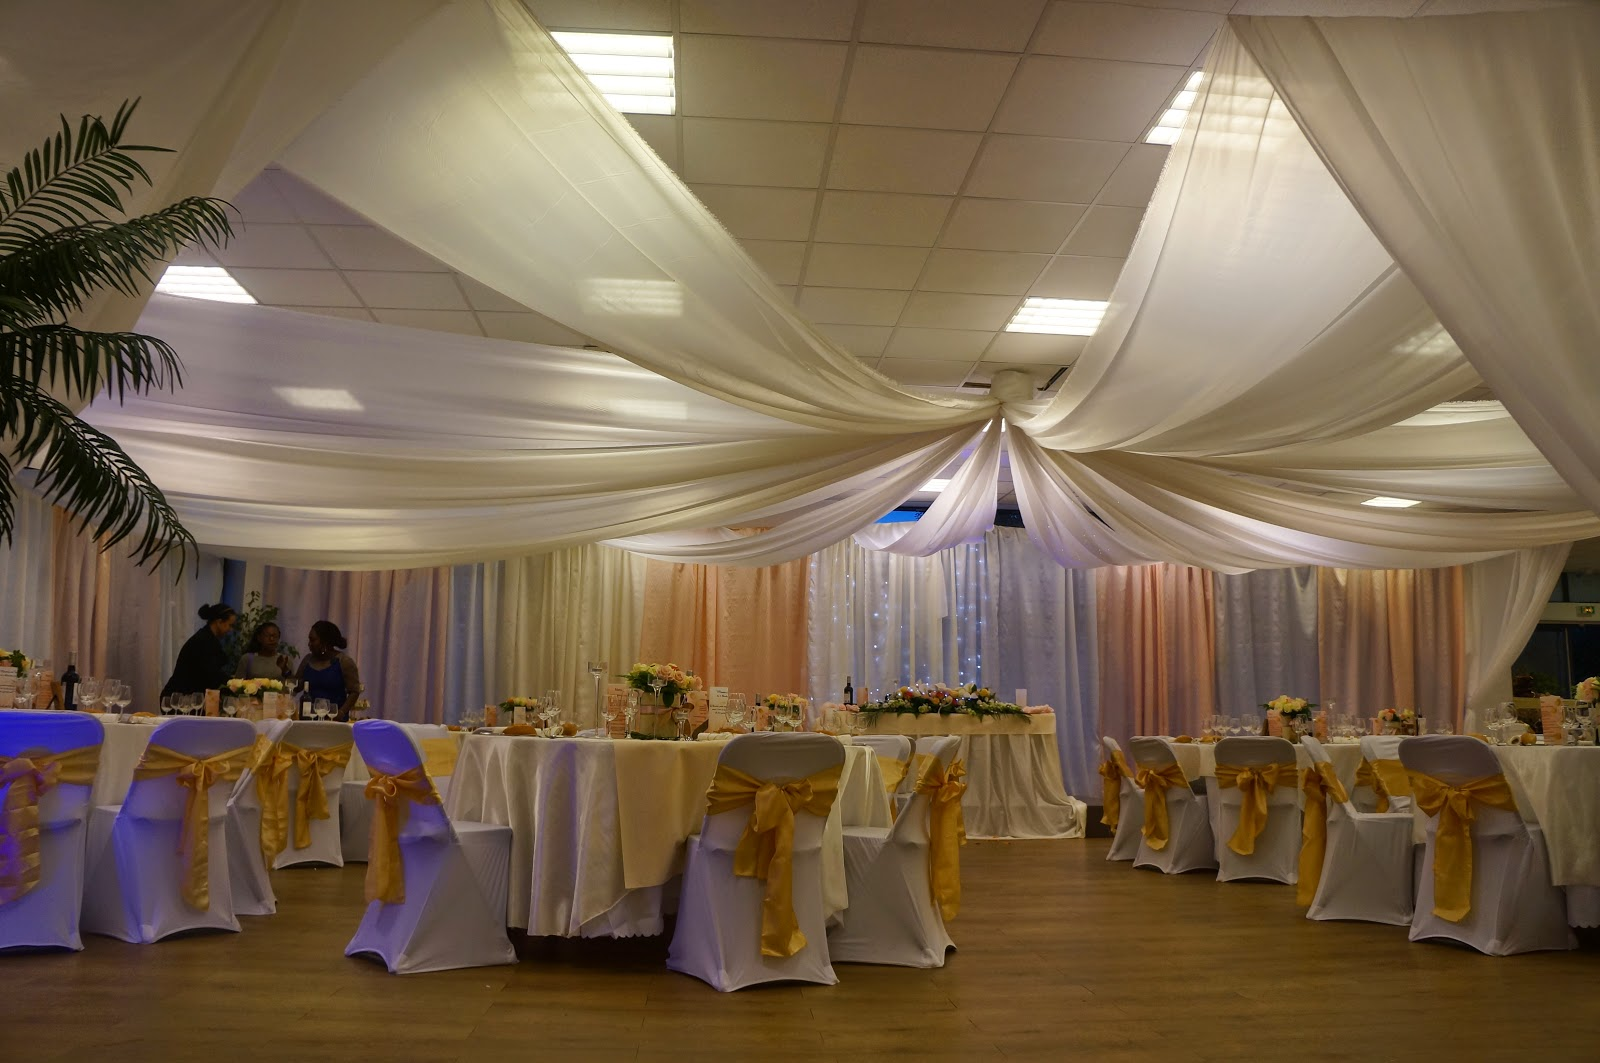 tentures mariage tentures salles mariages tentures plafond voilages et drap s pour mariages. Black Bedroom Furniture Sets. Home Design Ideas